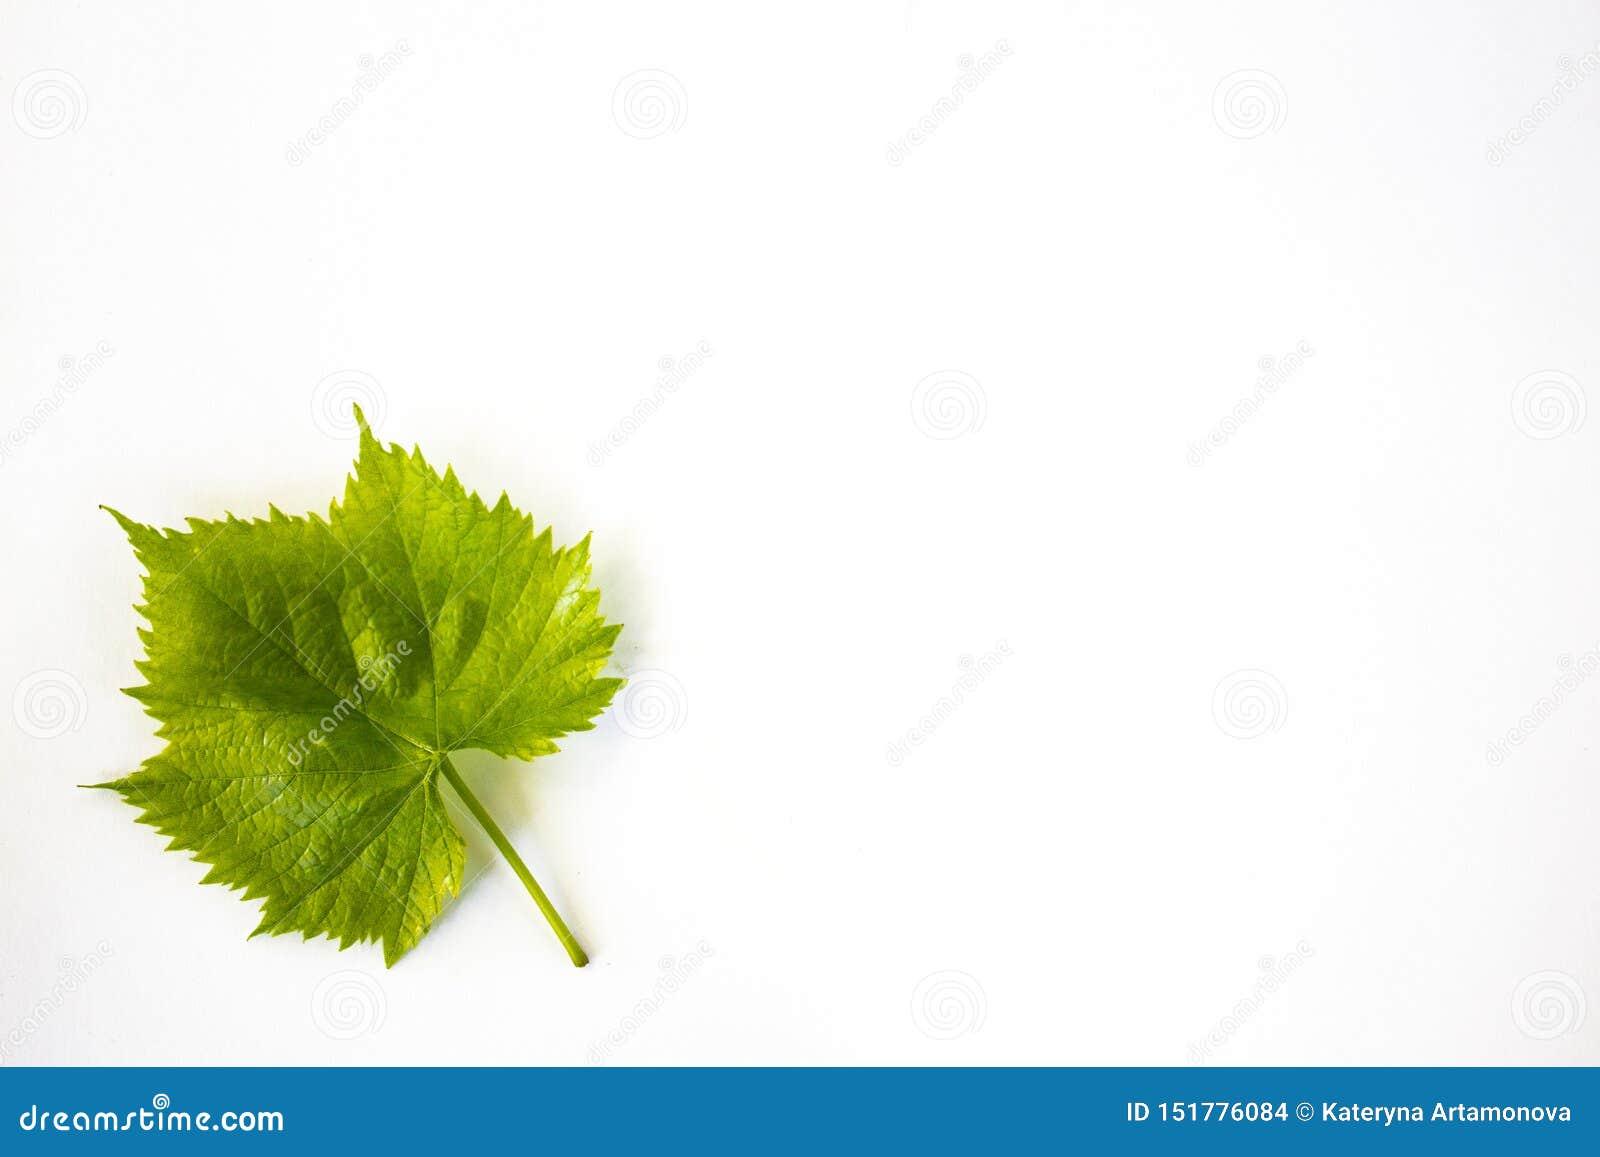 葡萄绿色叶子,隔绝在白色背景